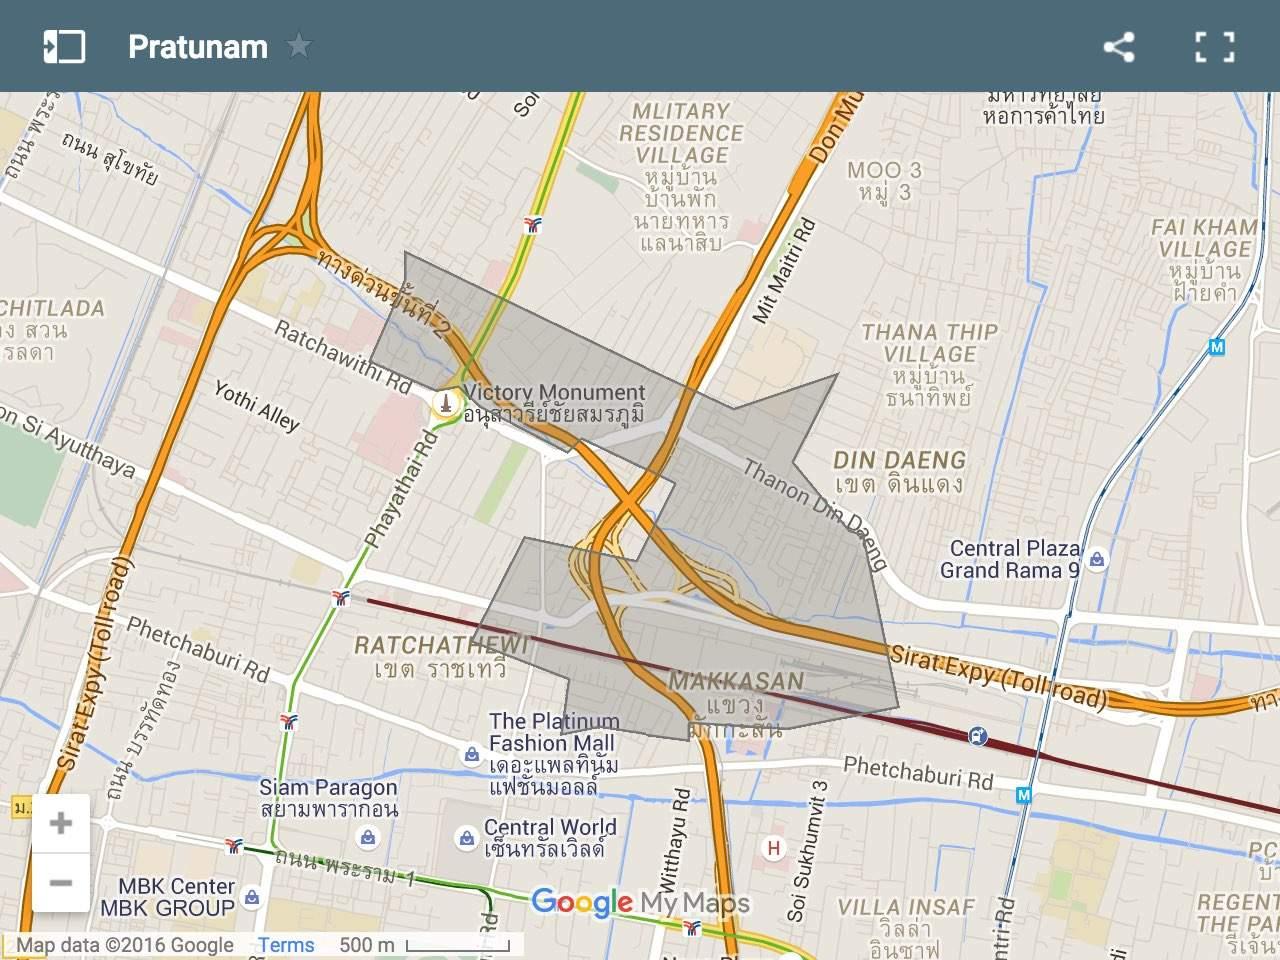 Map of Pratunam